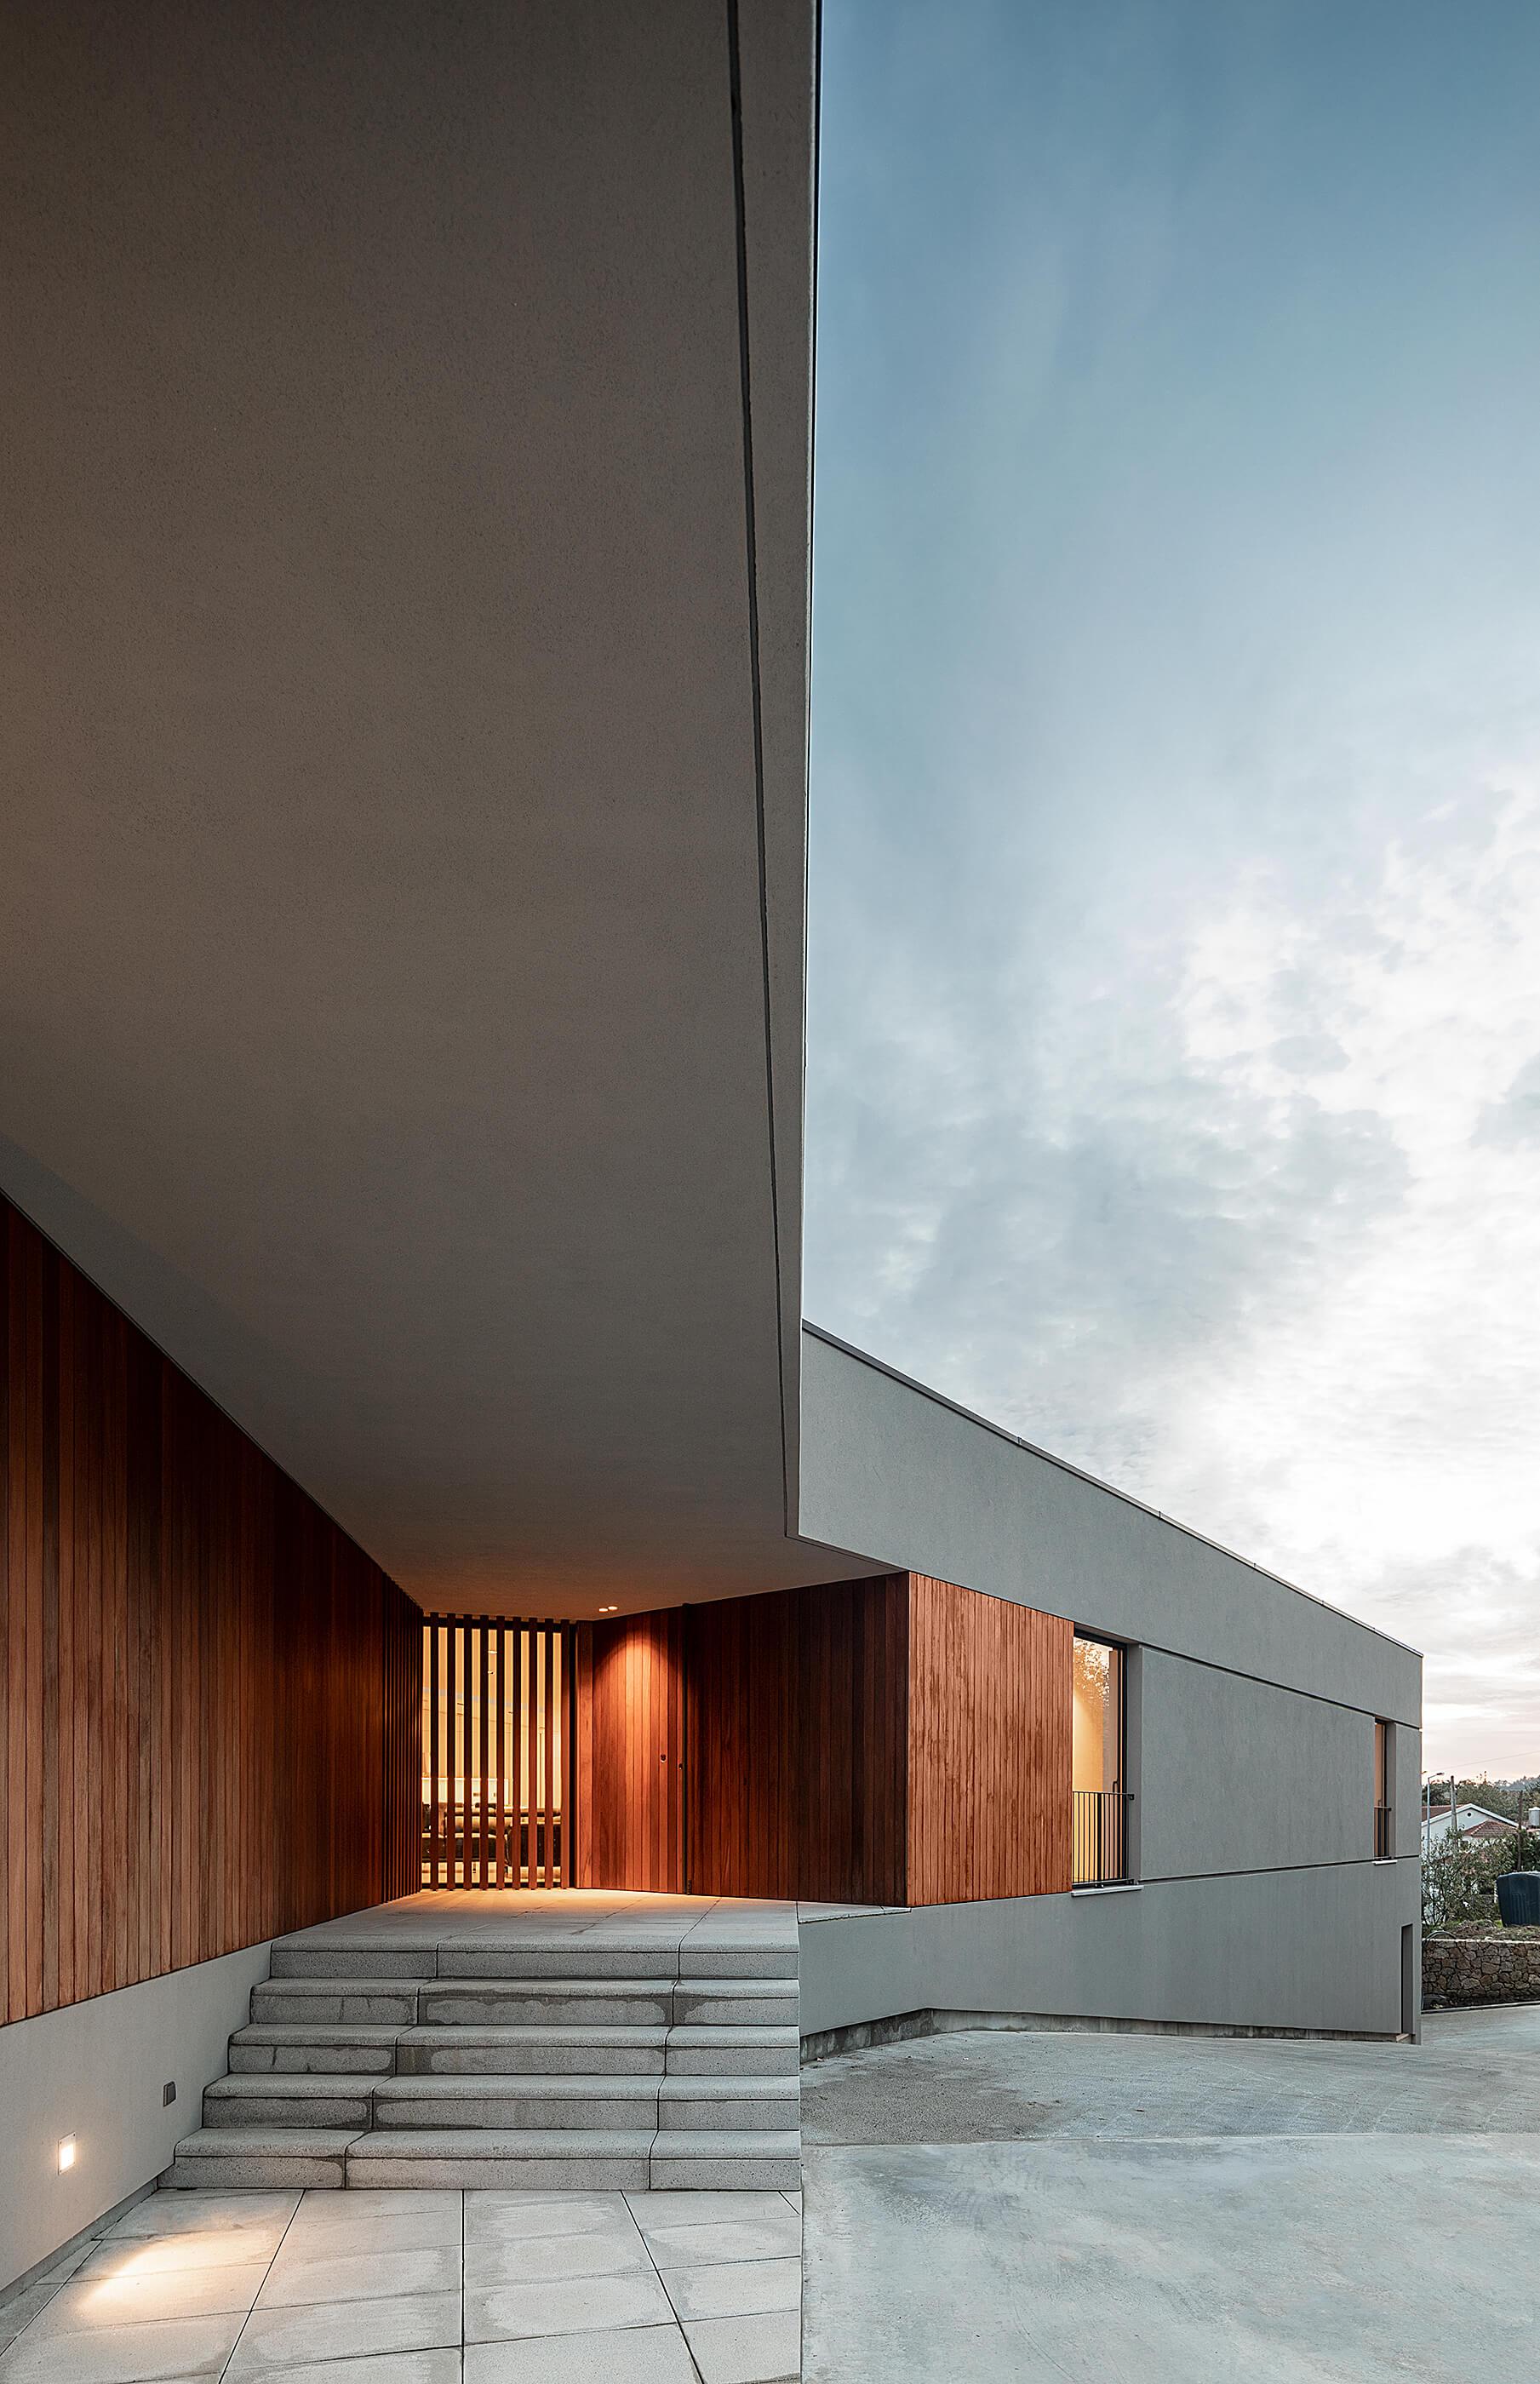 """Projectos Portugueses nos Prémios """"Building of the Year"""" do portal Archdaily do atelier Ivo Tavares e fotografia arquitetura de ivo tavares studio"""